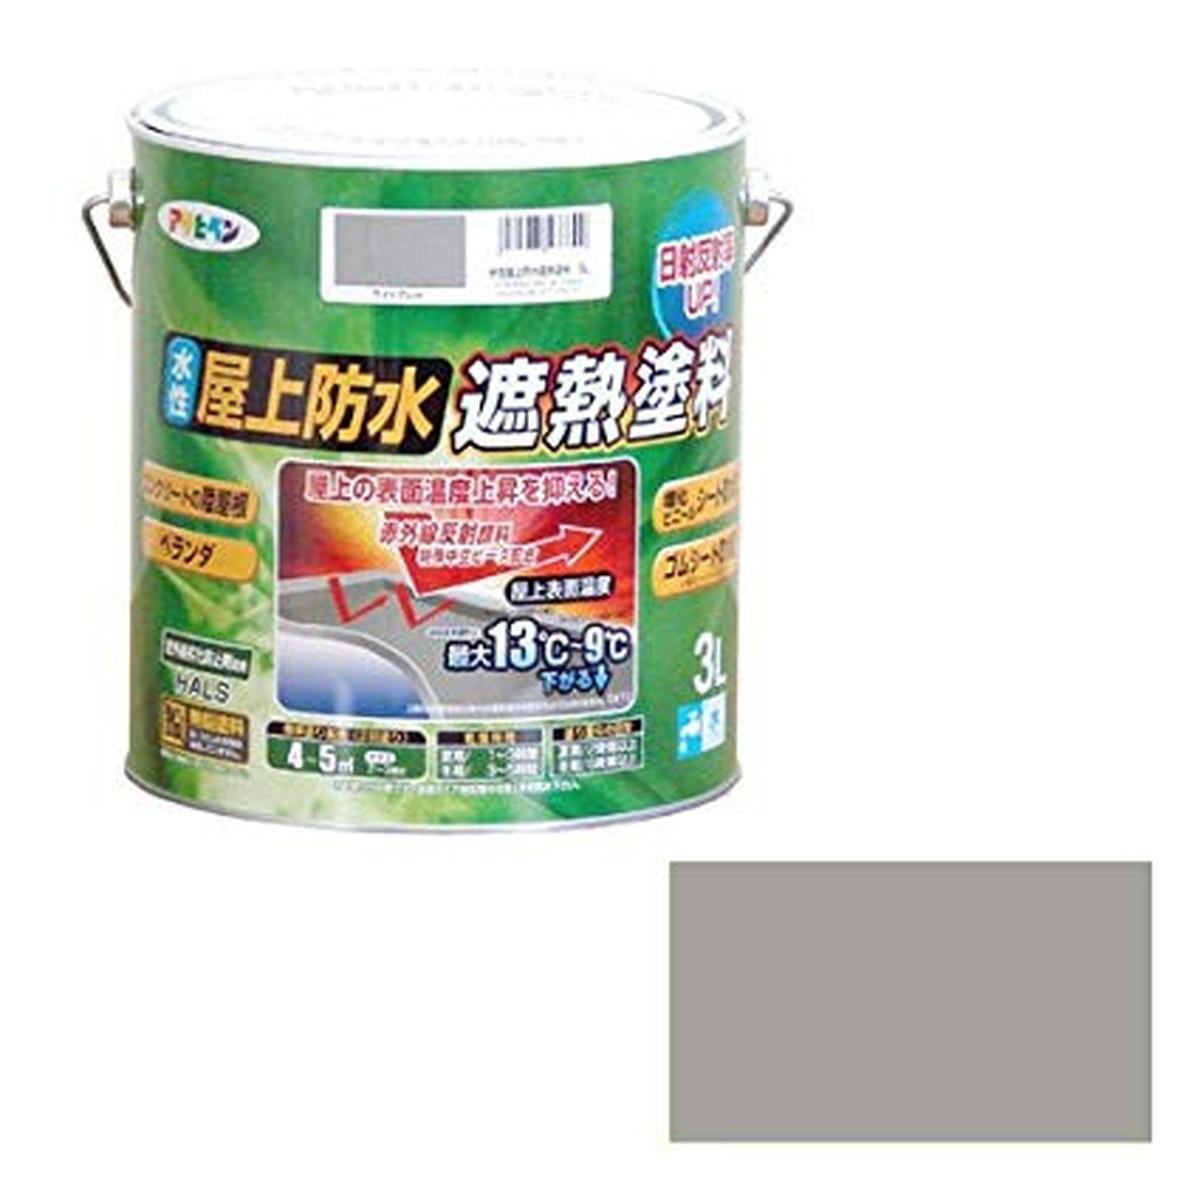 アサヒペン ペンキ 水性屋上防水遮熱塗料 ライトグレー3L【クーポン配布中】